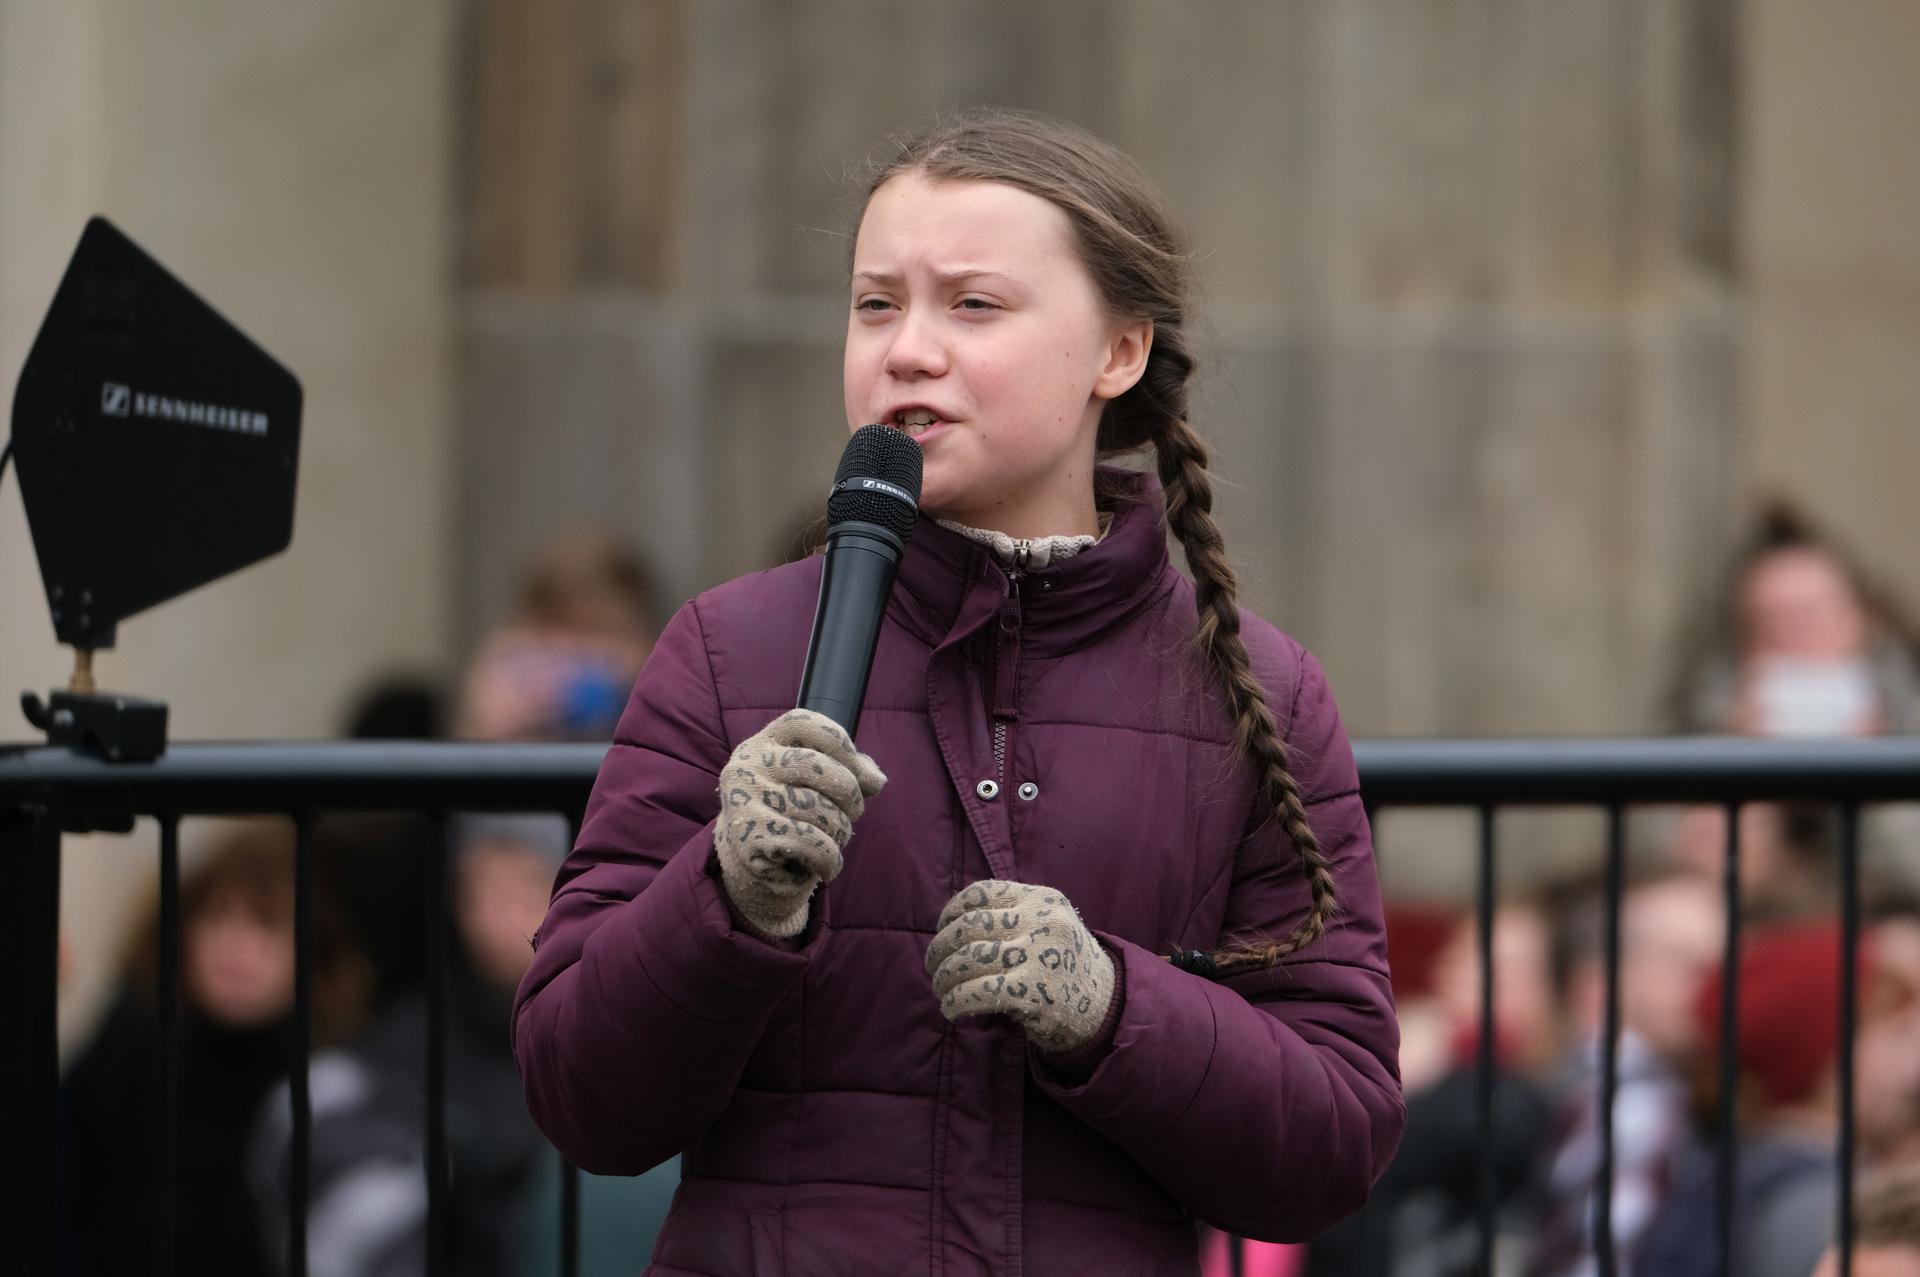 Грета тунберг - что известно о шведской школьнице и почему все обсуждают ее речь в оон